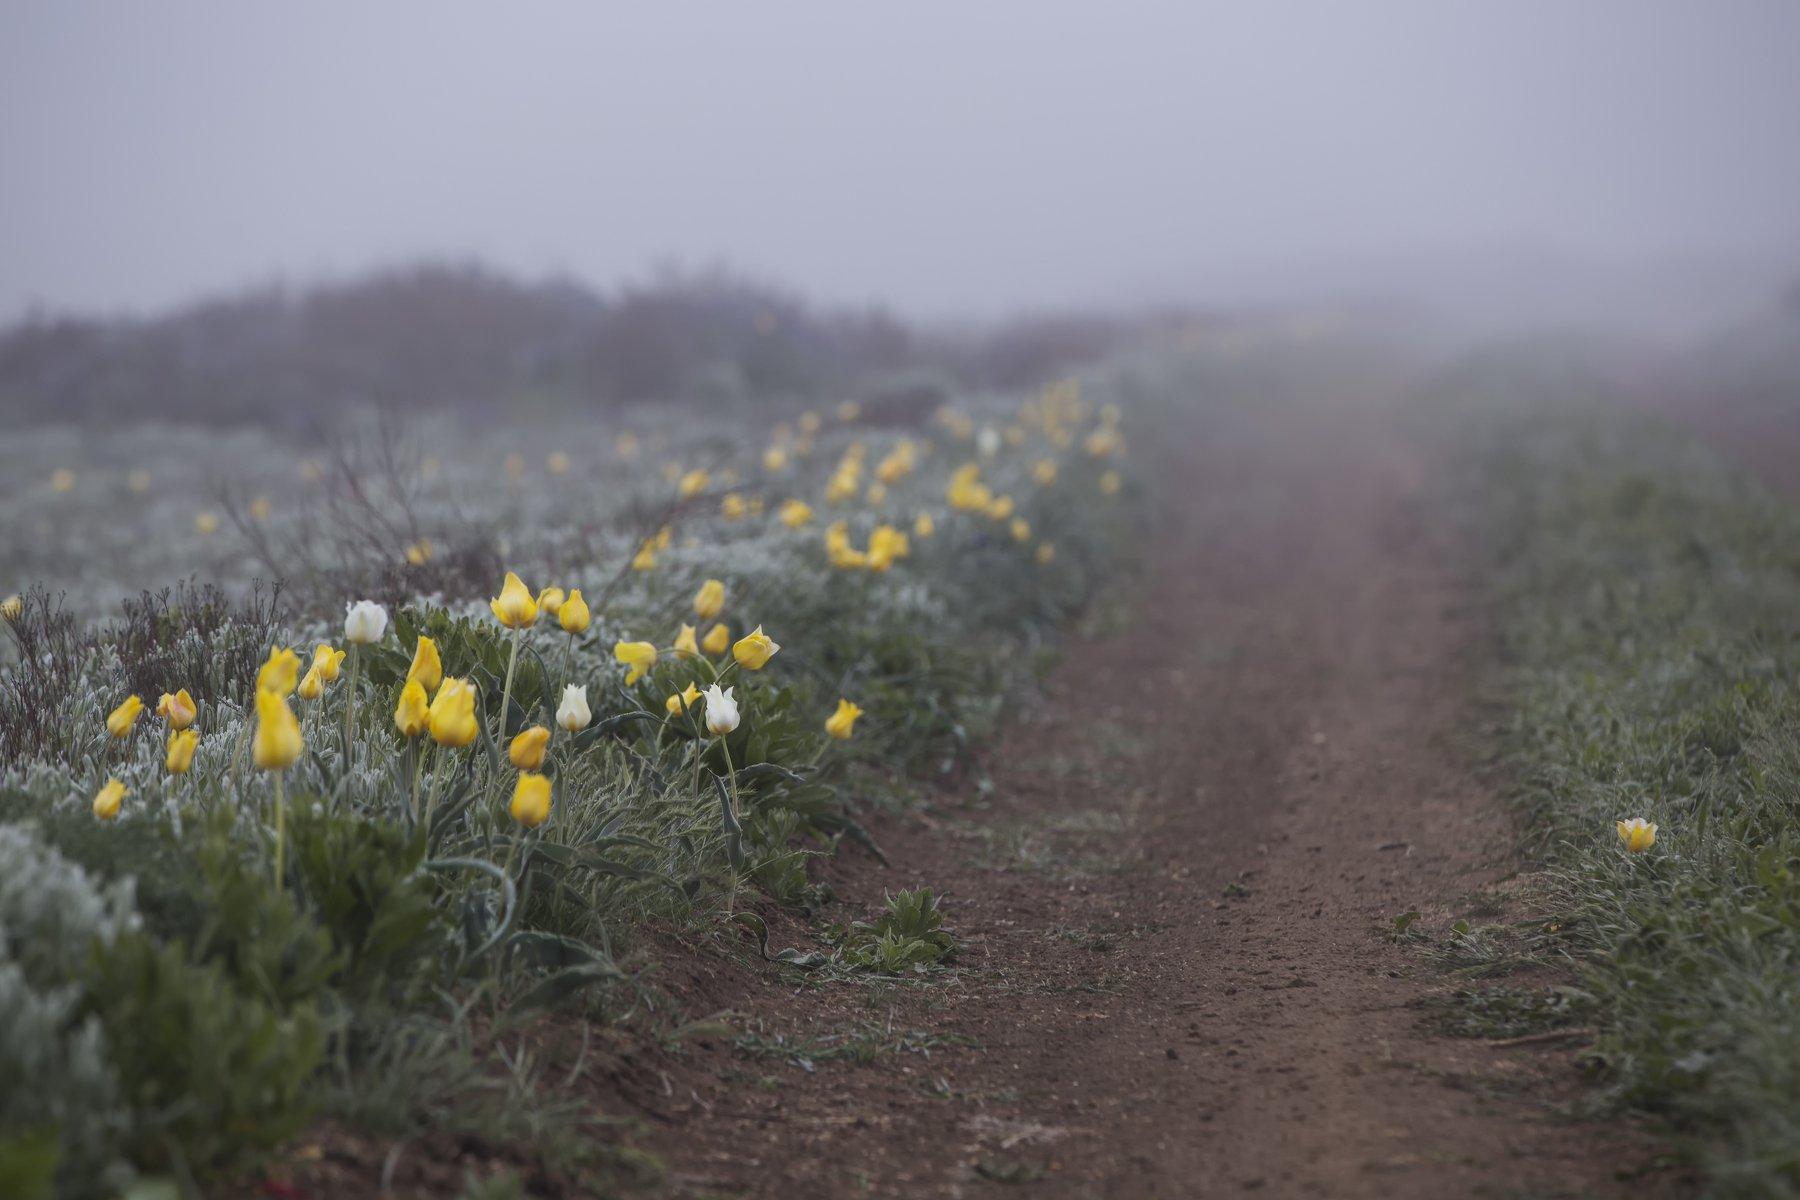 дорога,проселок,дикий,тюльпан,тюльпаны,туман,трава,желтый,зеленый,опук,крым,россия,заповедник,пейзаж,цветы,природа, Elena Pakhalyuk